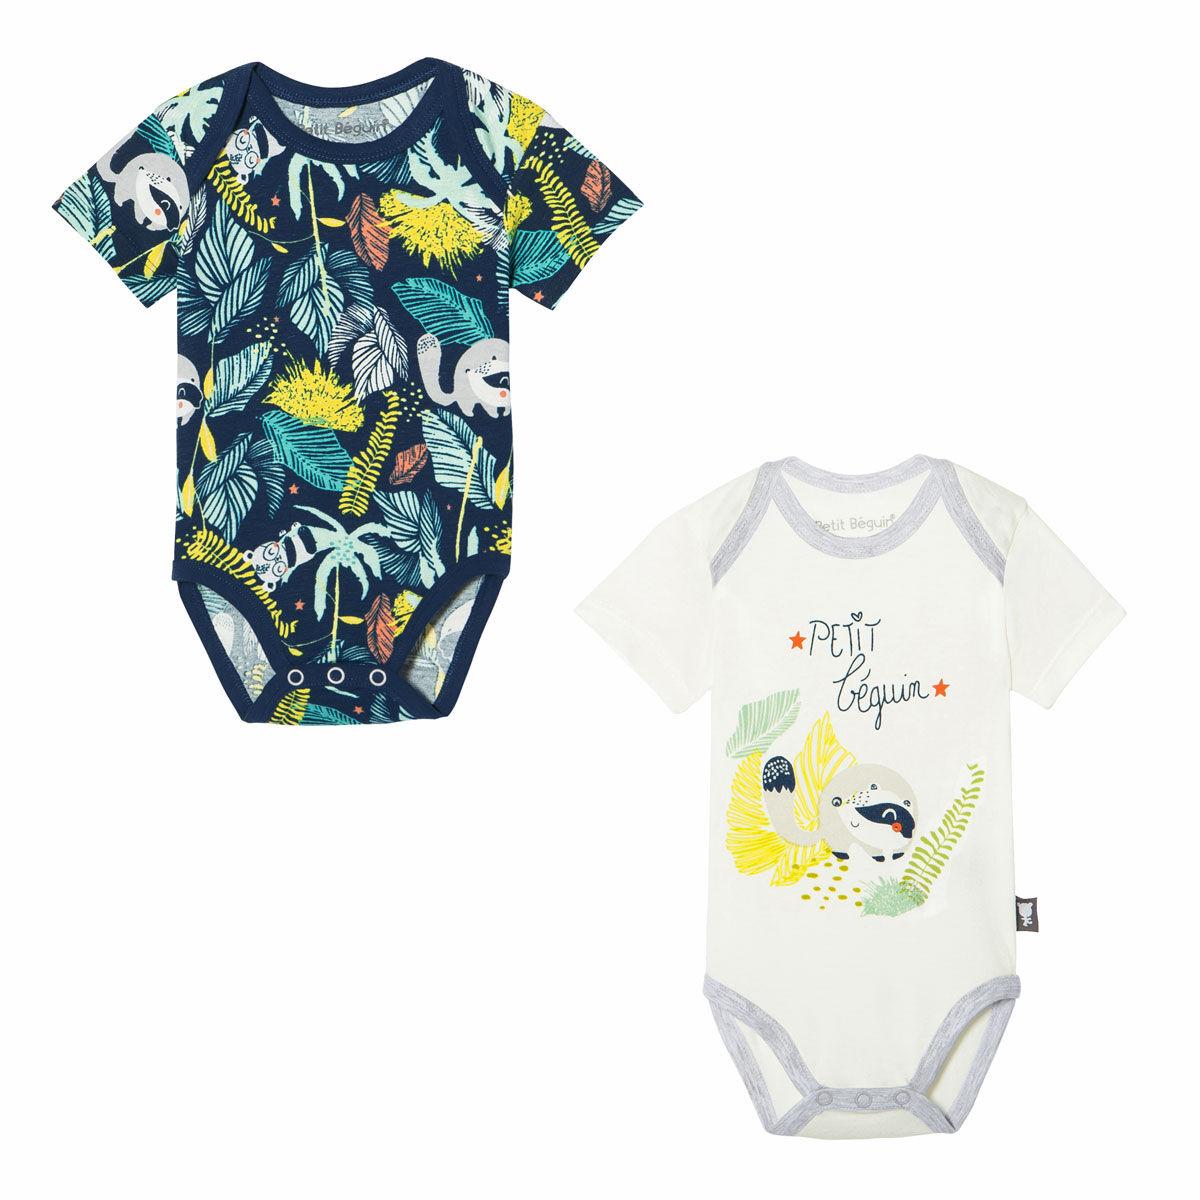 Petit Béguin Lot de 2 bodies bébé garçon manches courtes Kenya - Taille - 18 mois